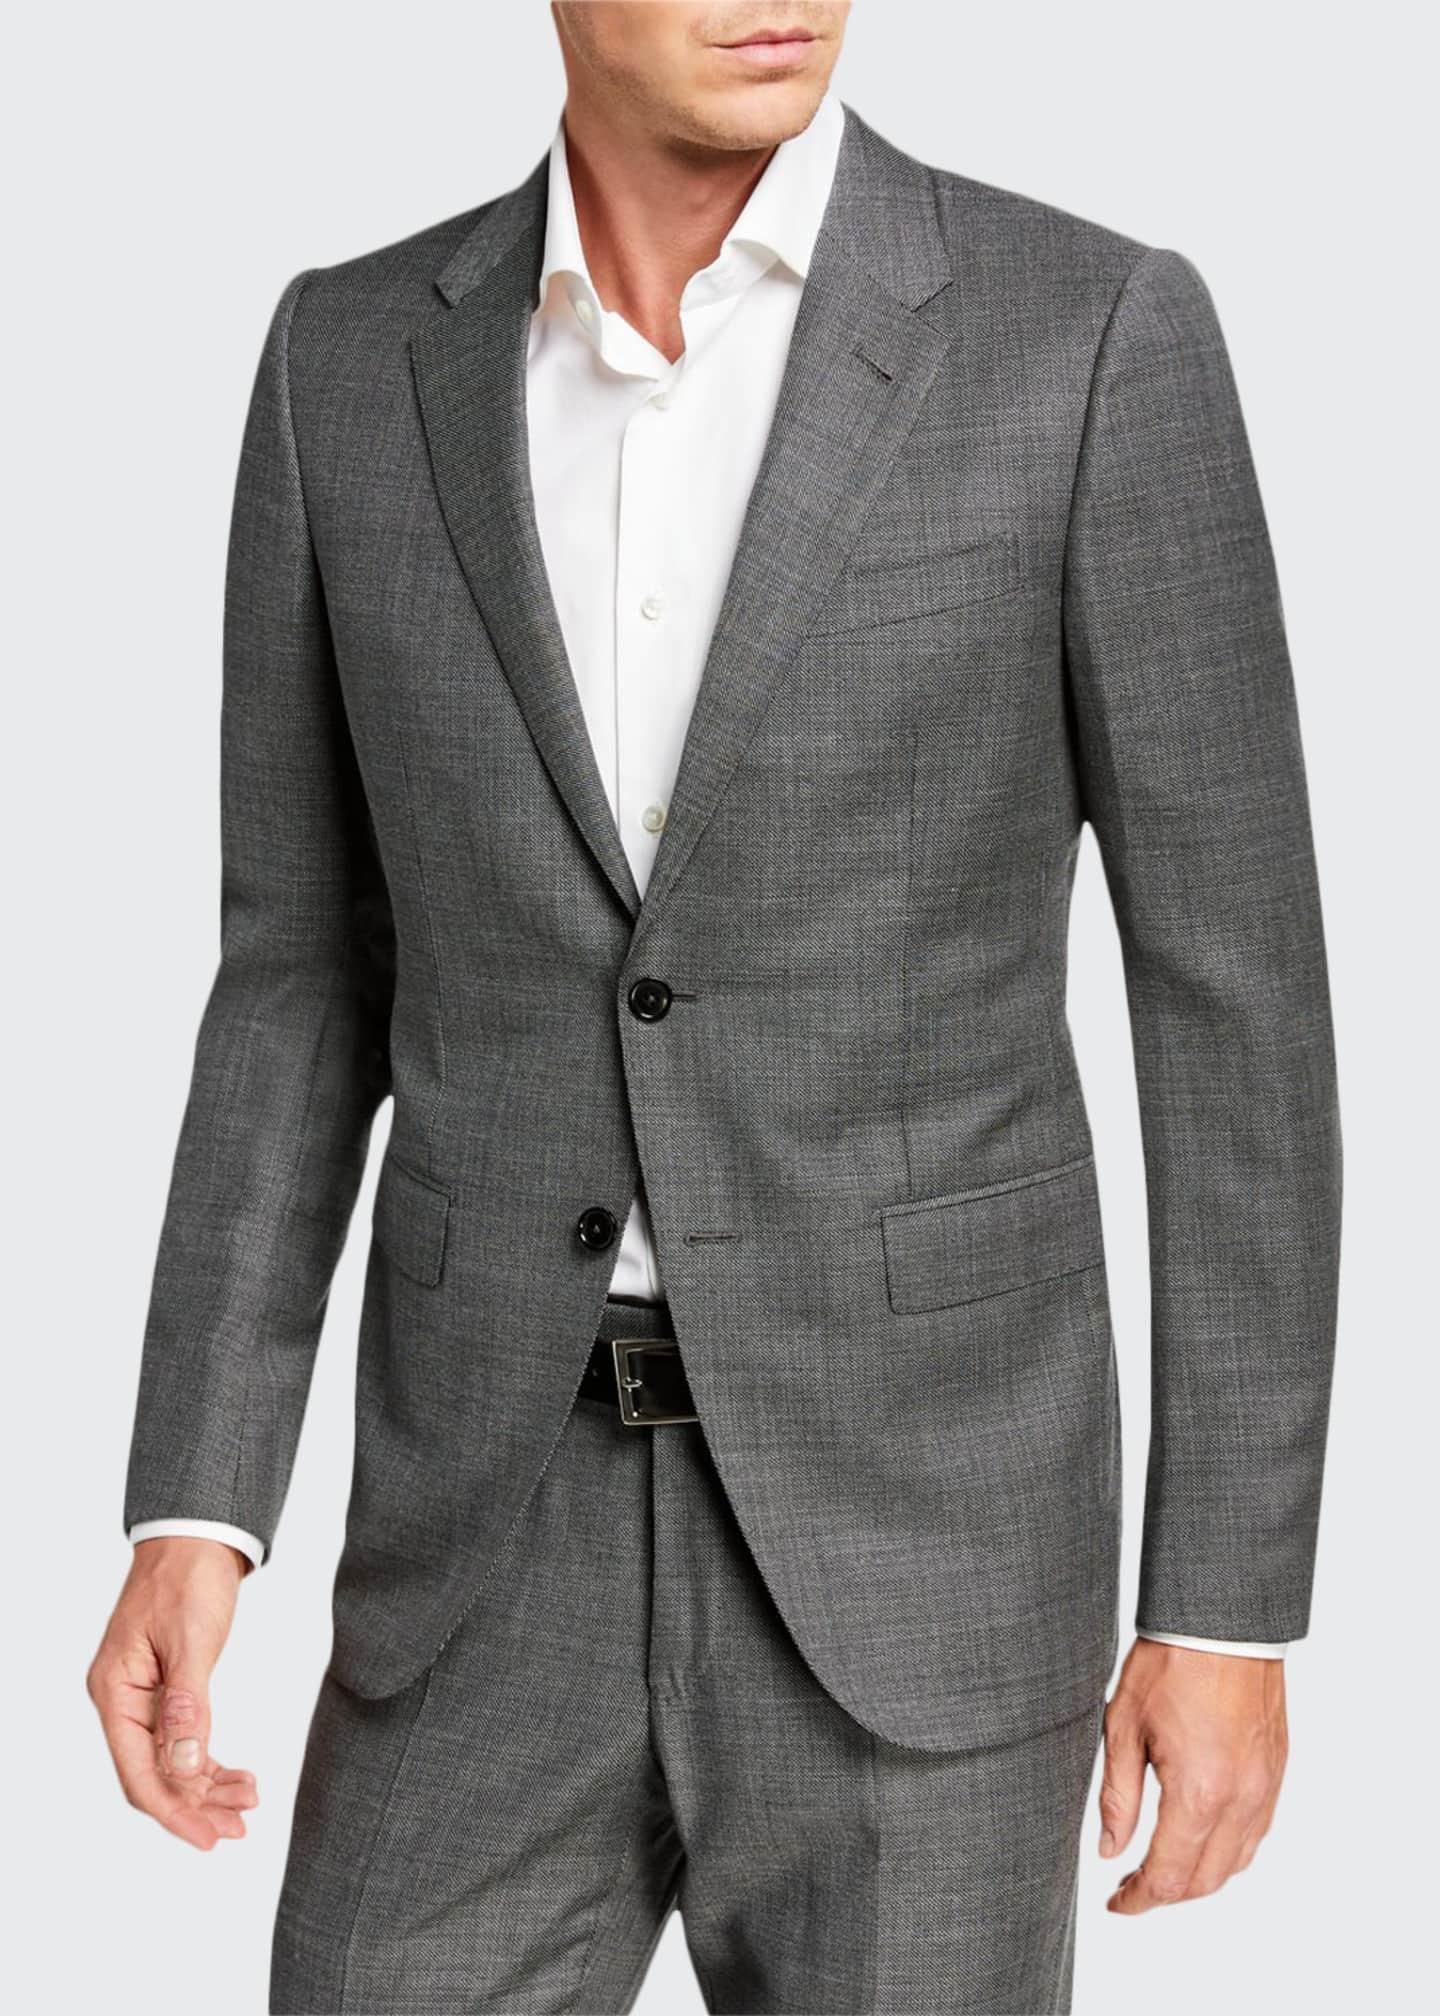 Ermenegildo Zegna Sharskin Wool Suit